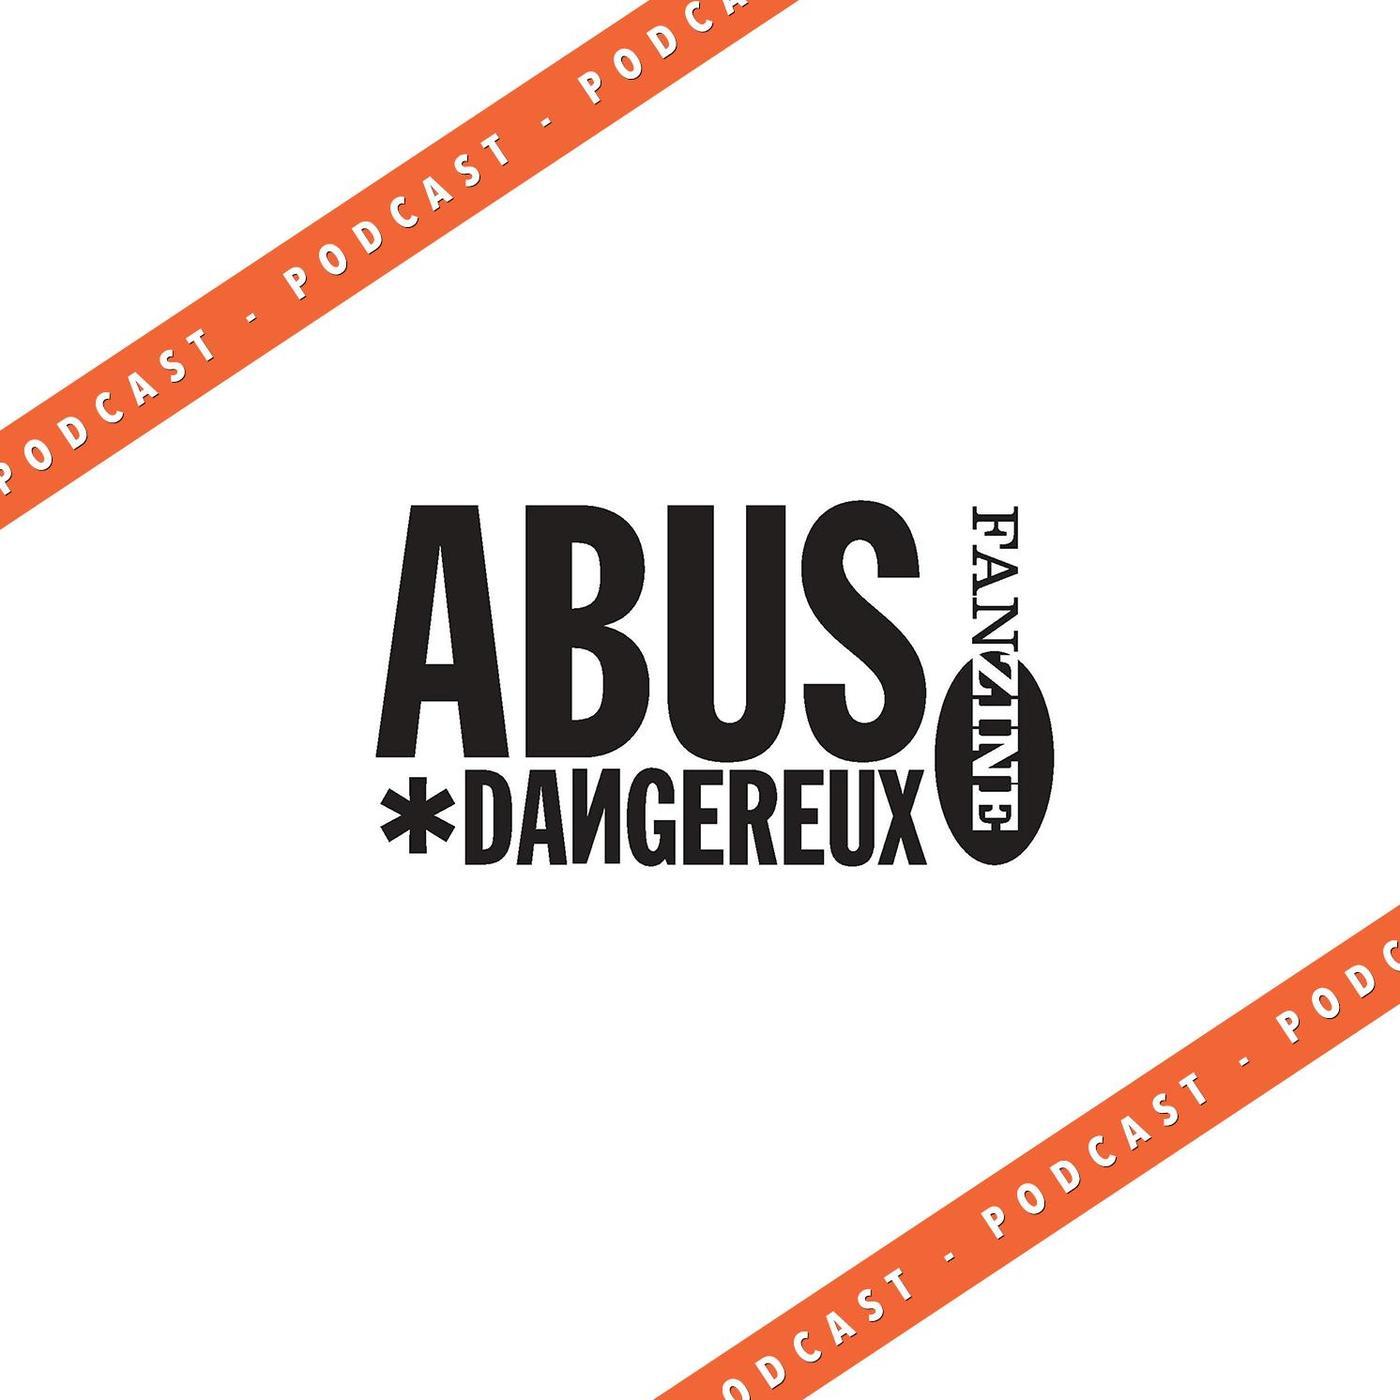 Abus Dangereux 156 - Extrait 2